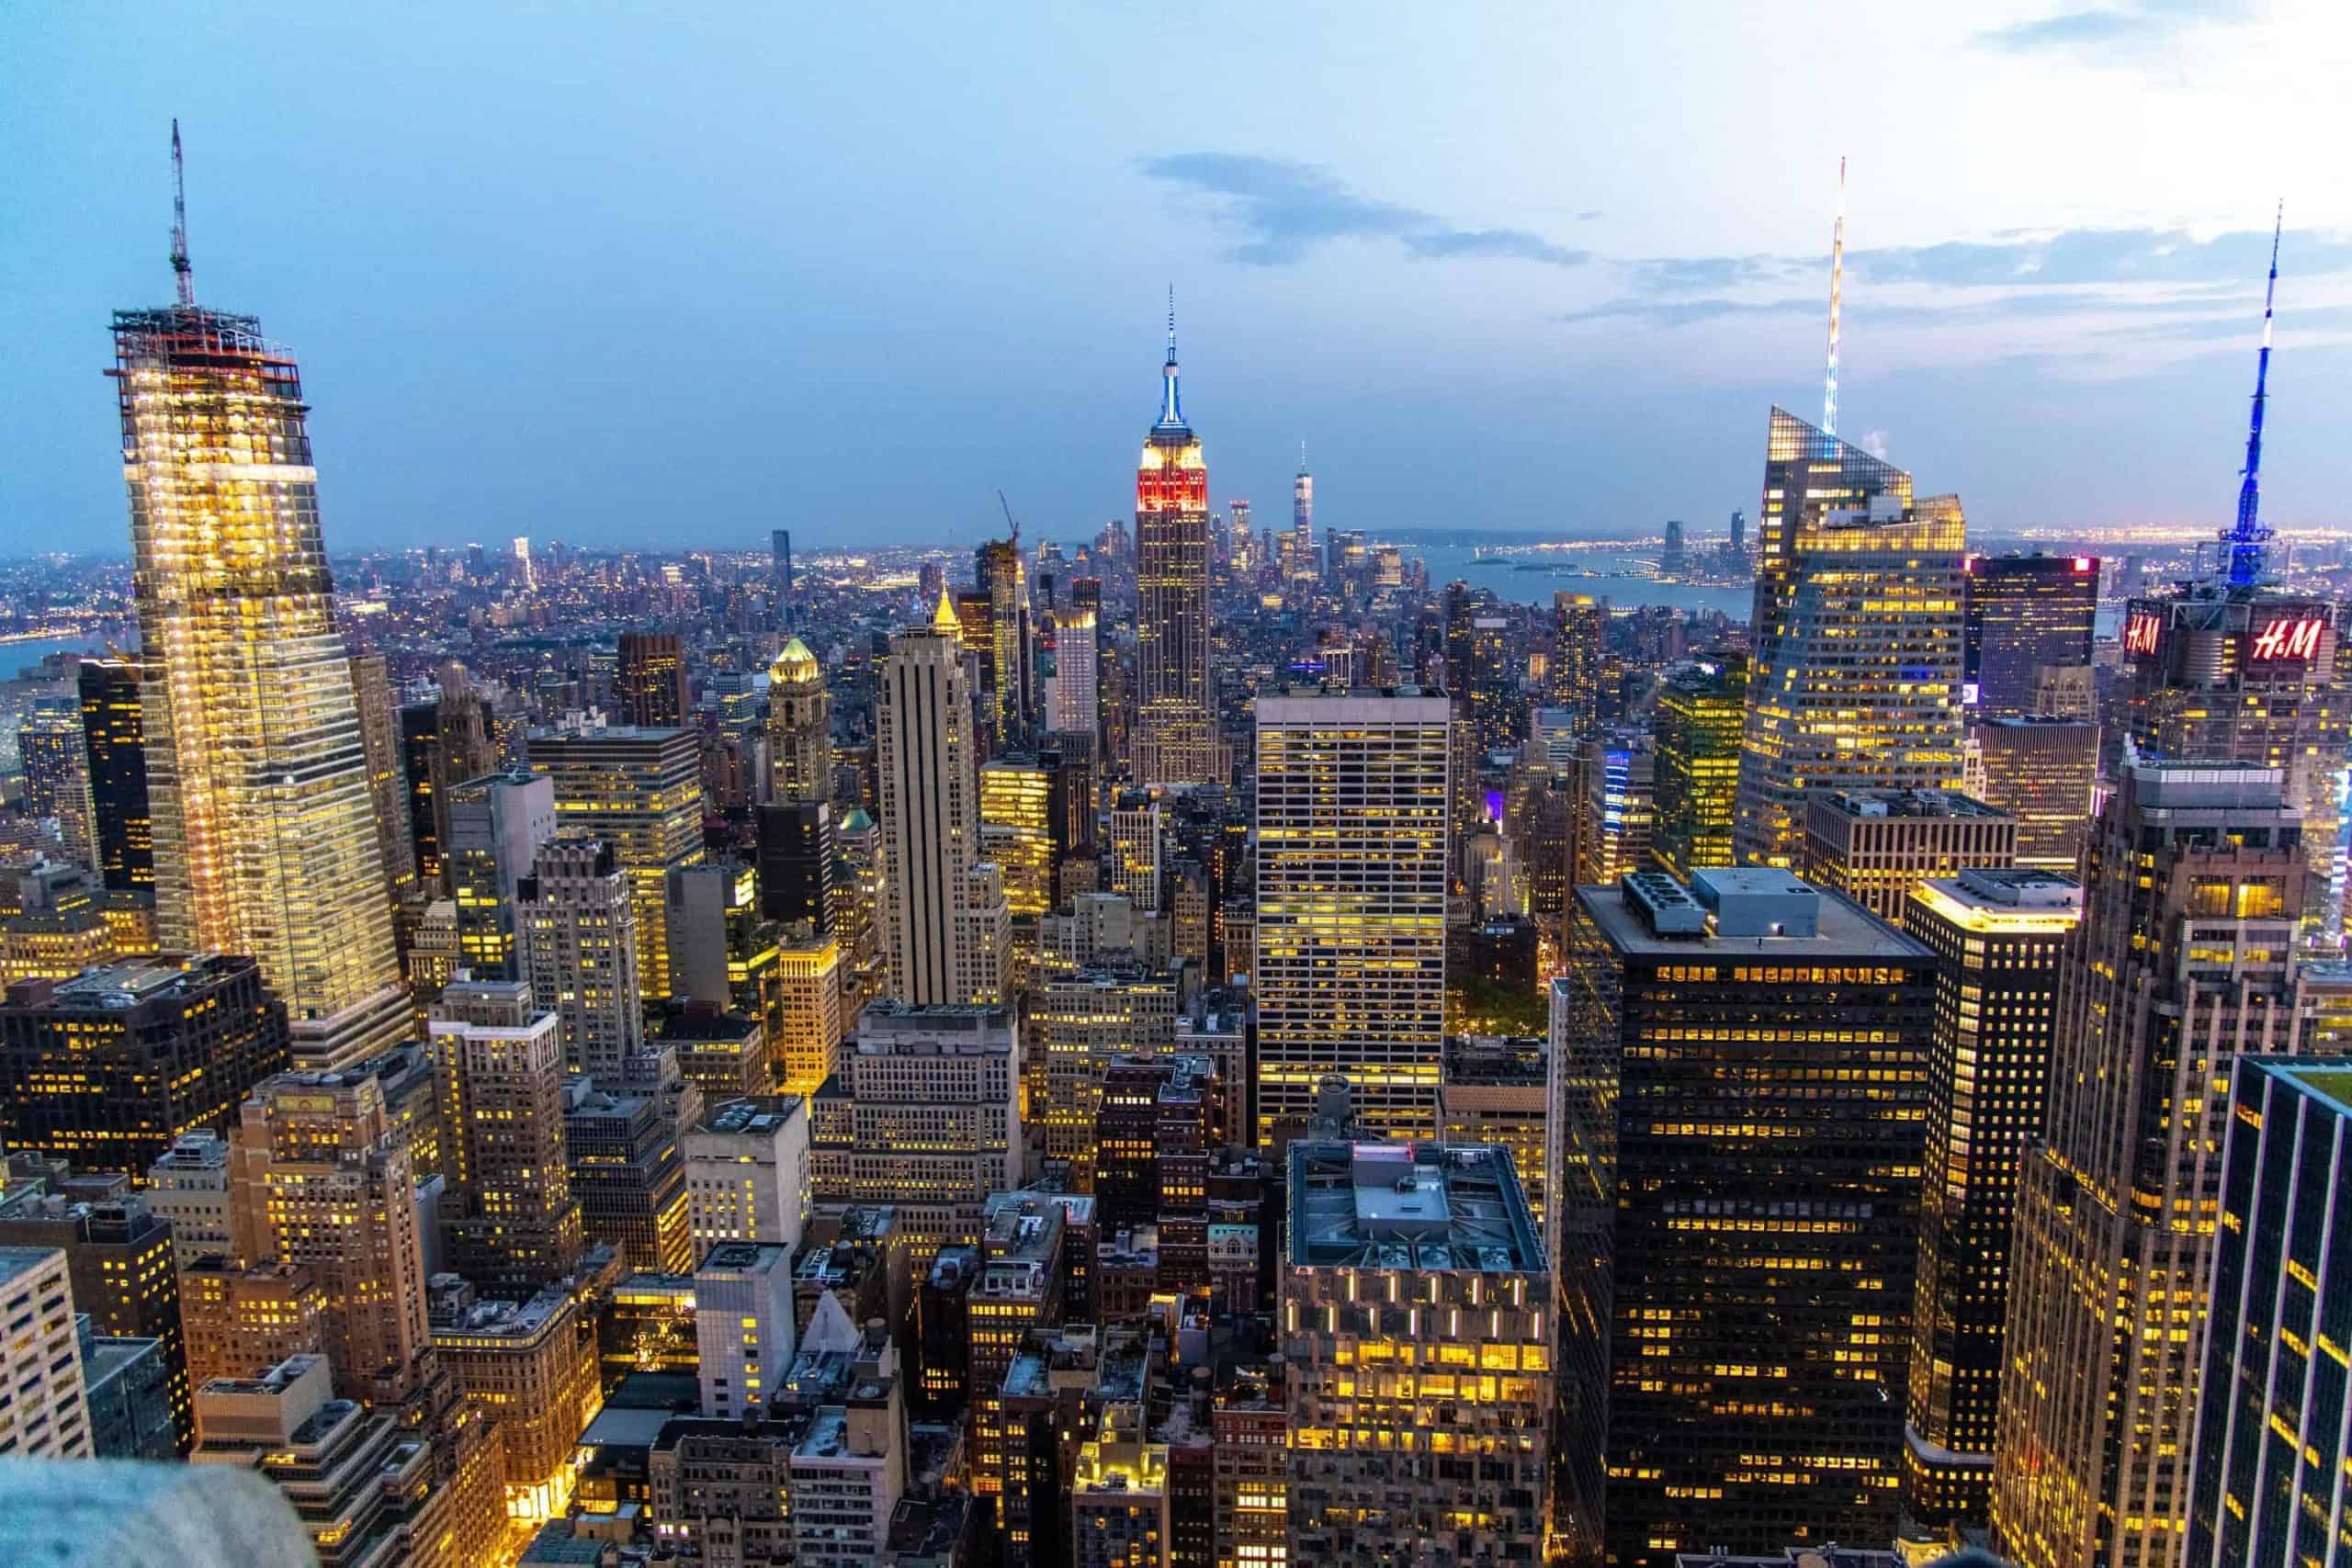 Fotoreis New York avond vanaf Top of the Rocks bij Fotografie-reizen - Fotoreizen